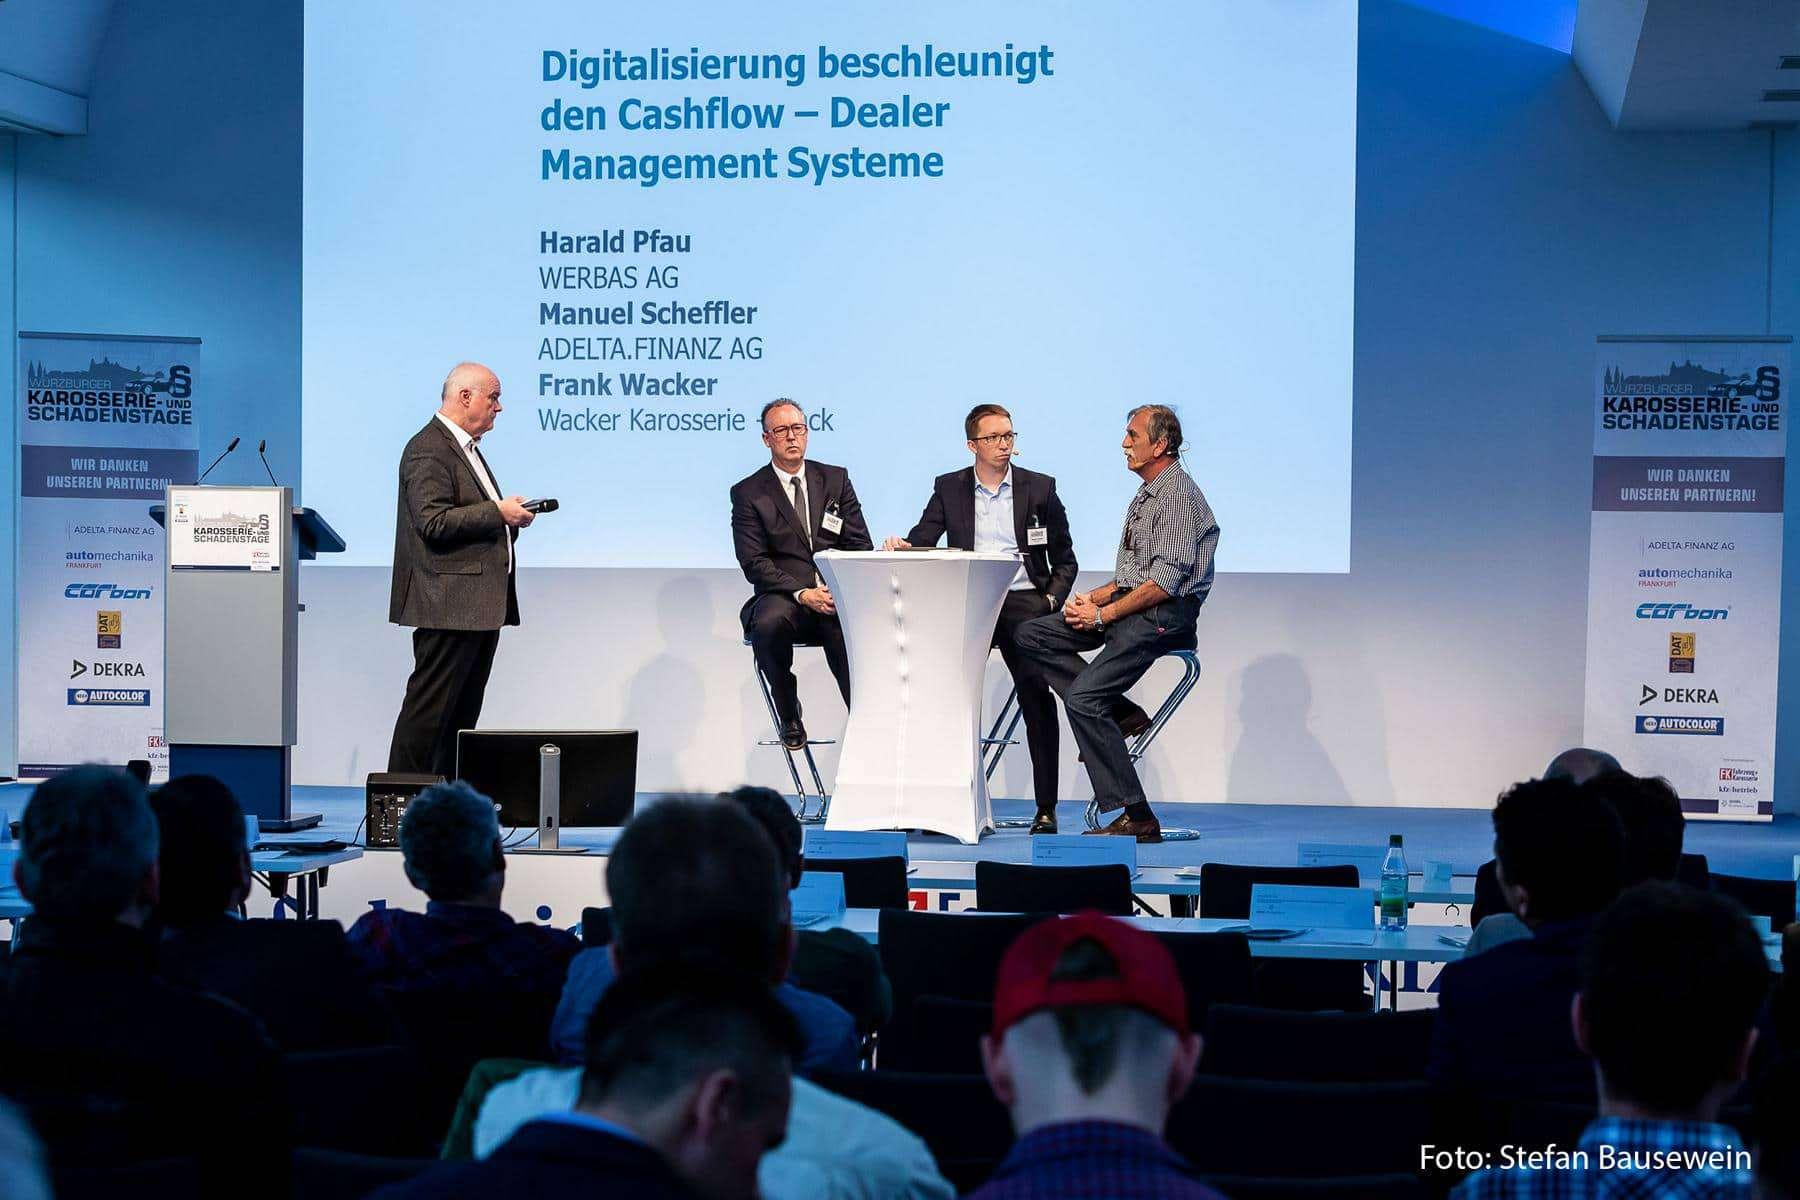 Manuel Scheffler, Vertriebsvorstand der ADELTA.FINANZ AG war Speaker auf den Würzburger Karosserie- und Schadenstagen 2018.